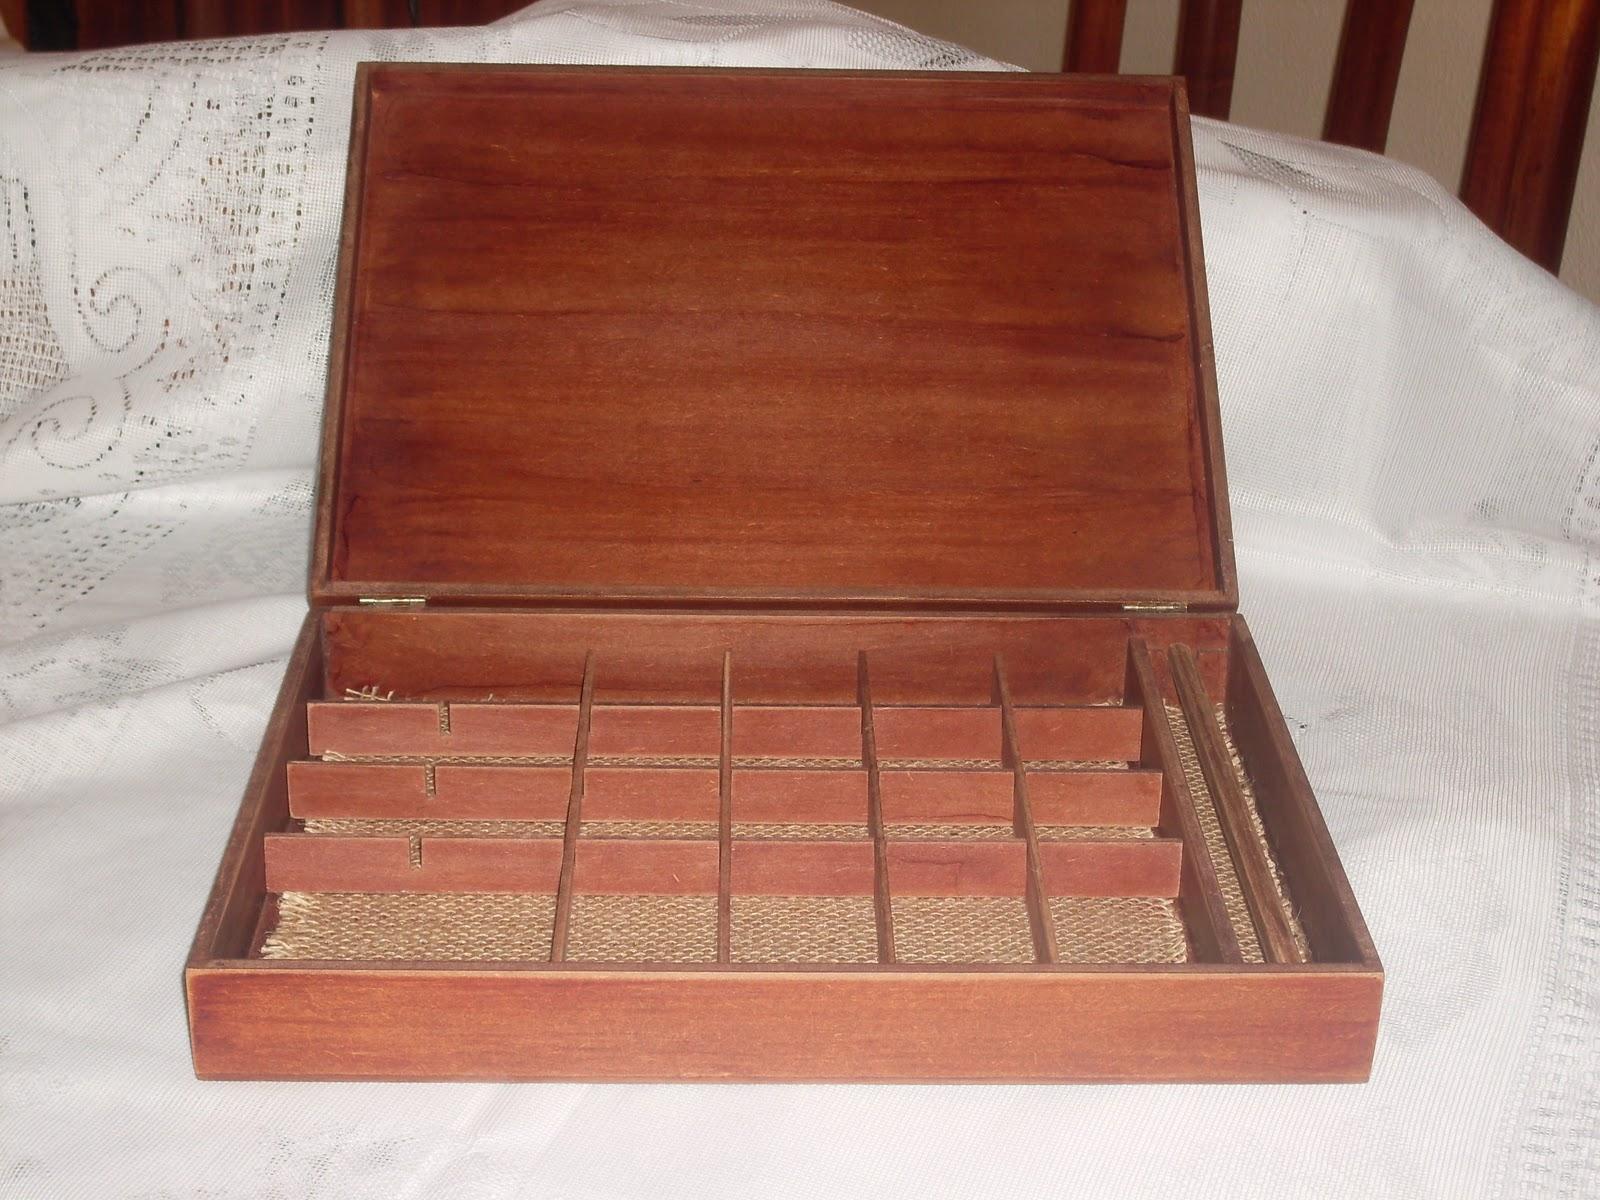 Miscelânias da Ni: Caixa de Madeira Rustica #3E1511 1600x1200